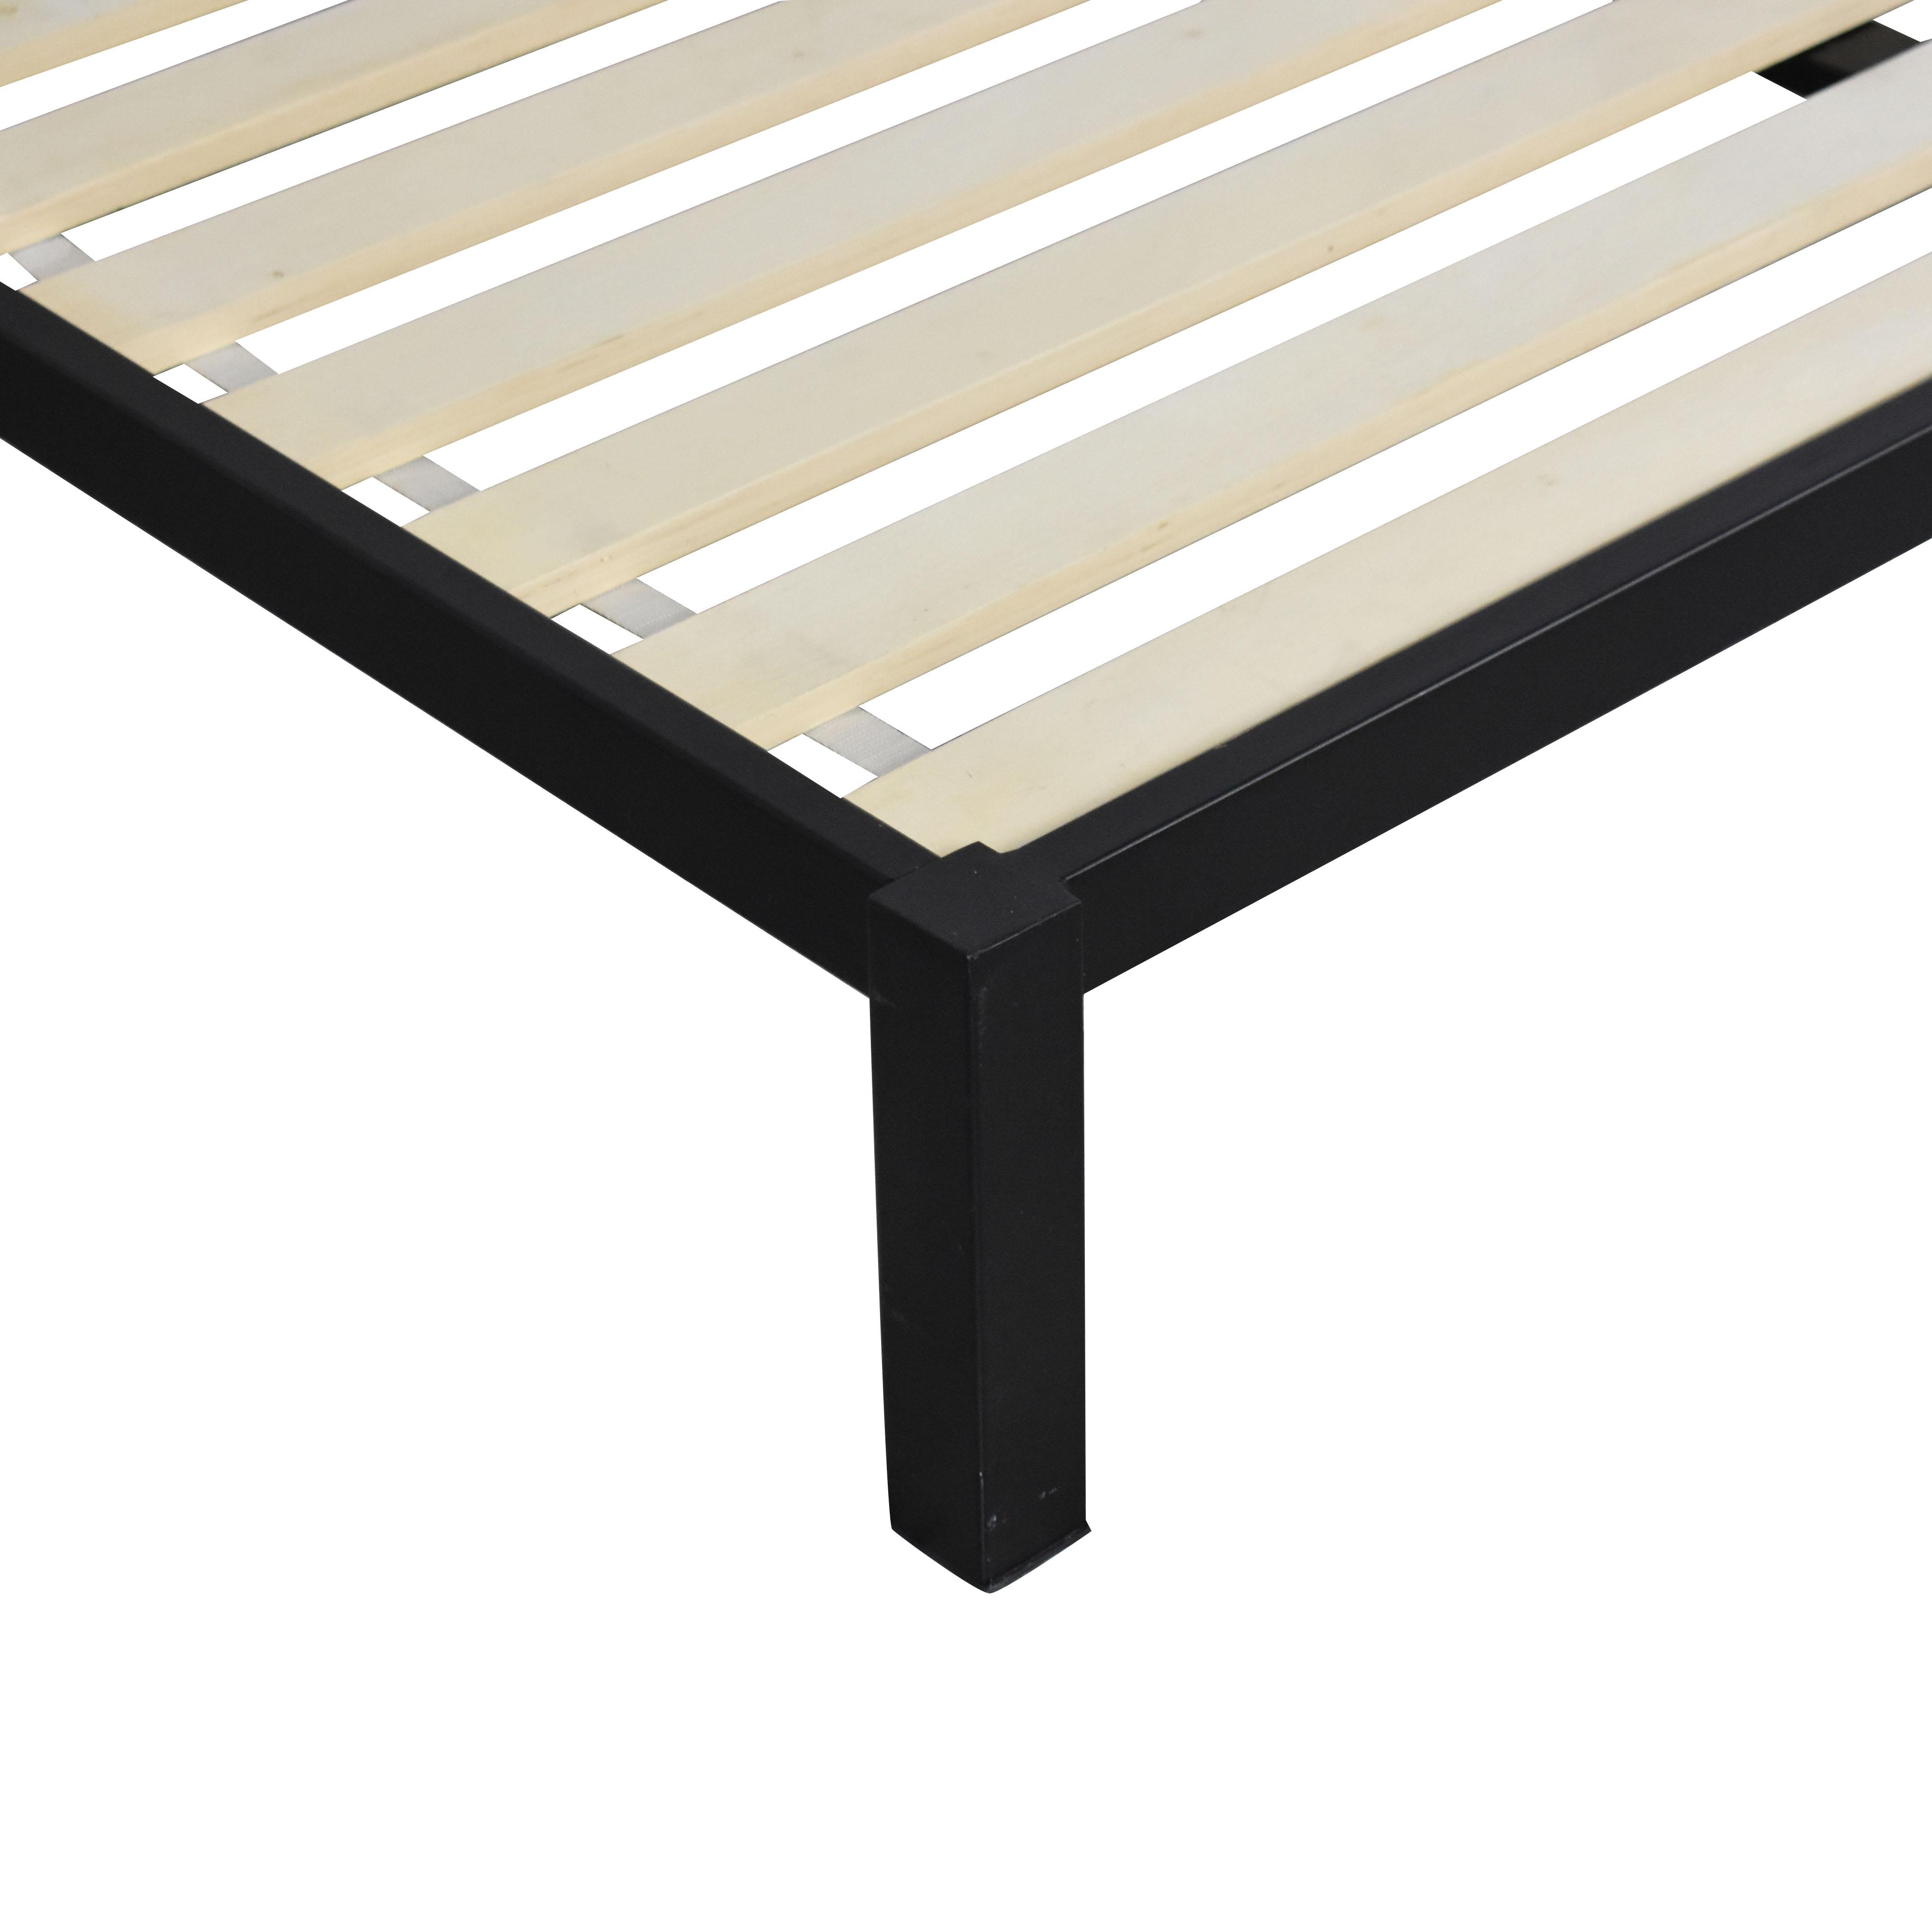 Crate & Barrel Full Bed / Bed Frames